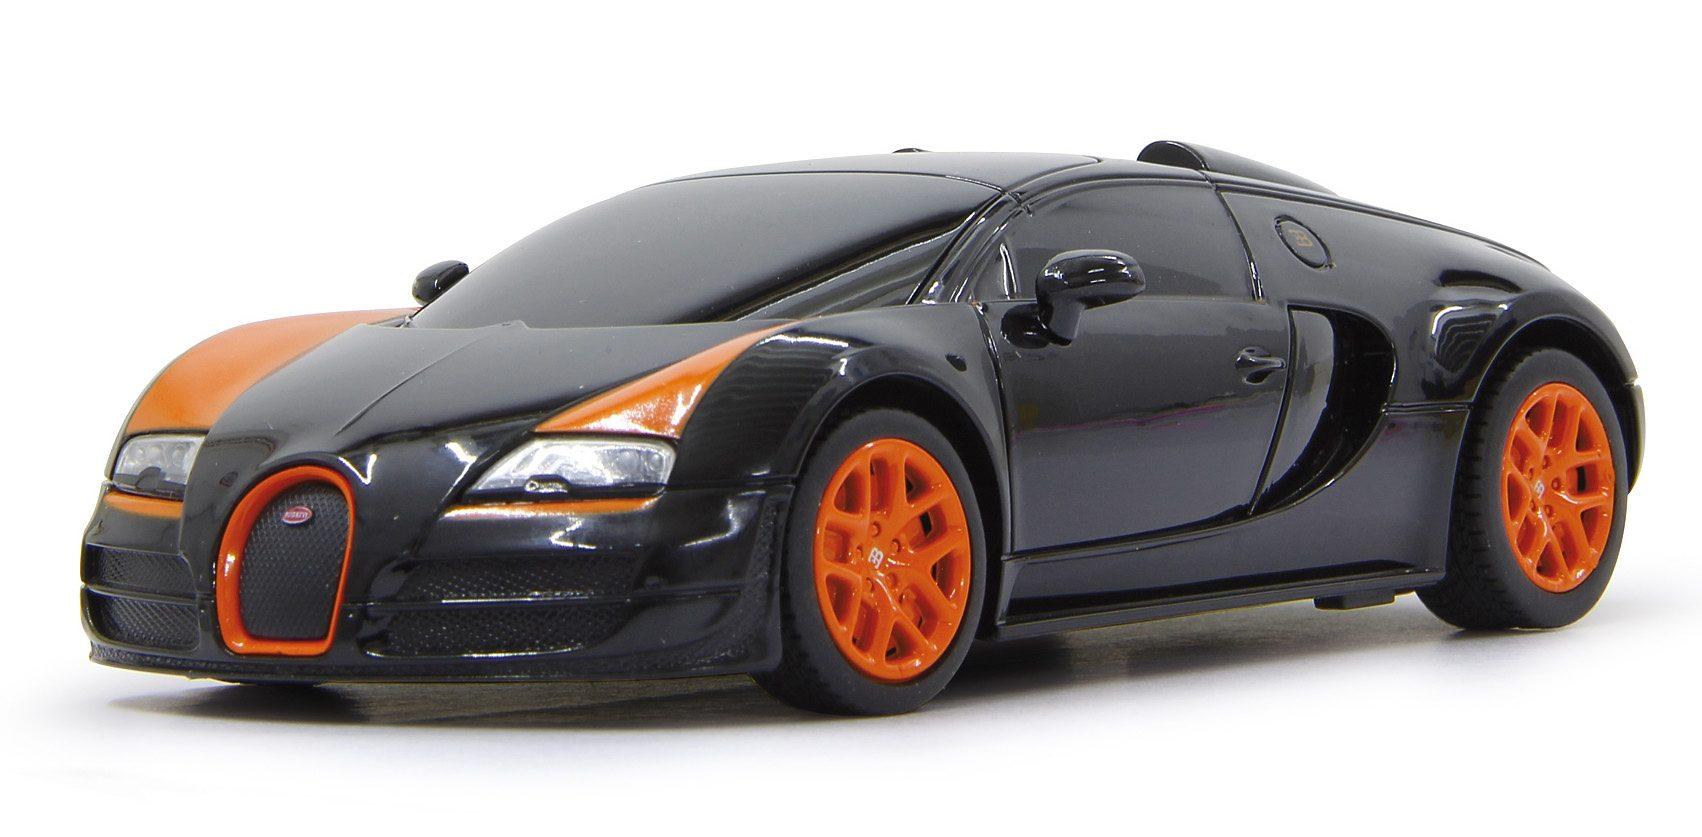 JAMARA RC Auto mit Beleuchtung, Maßstab 1:18, 27 MHz, »Bugatti Veyron, schwarz«